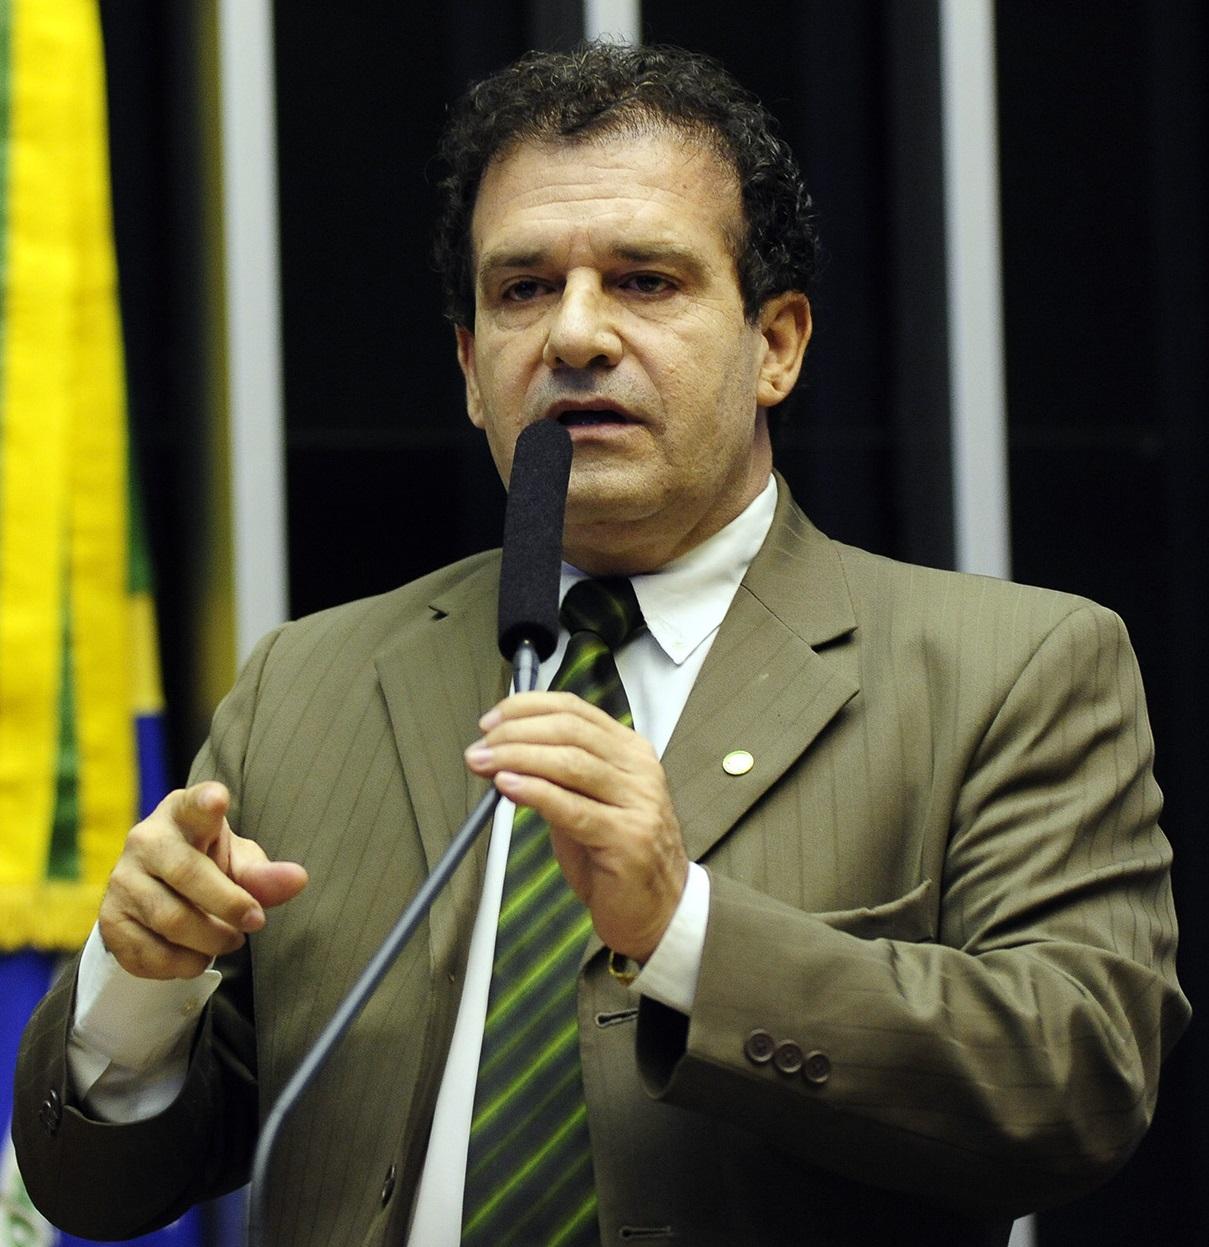 IMAGEM: Proposta de bolsonaristas contra ministros é imprestável e põe mordaça no STF, diz novo relator